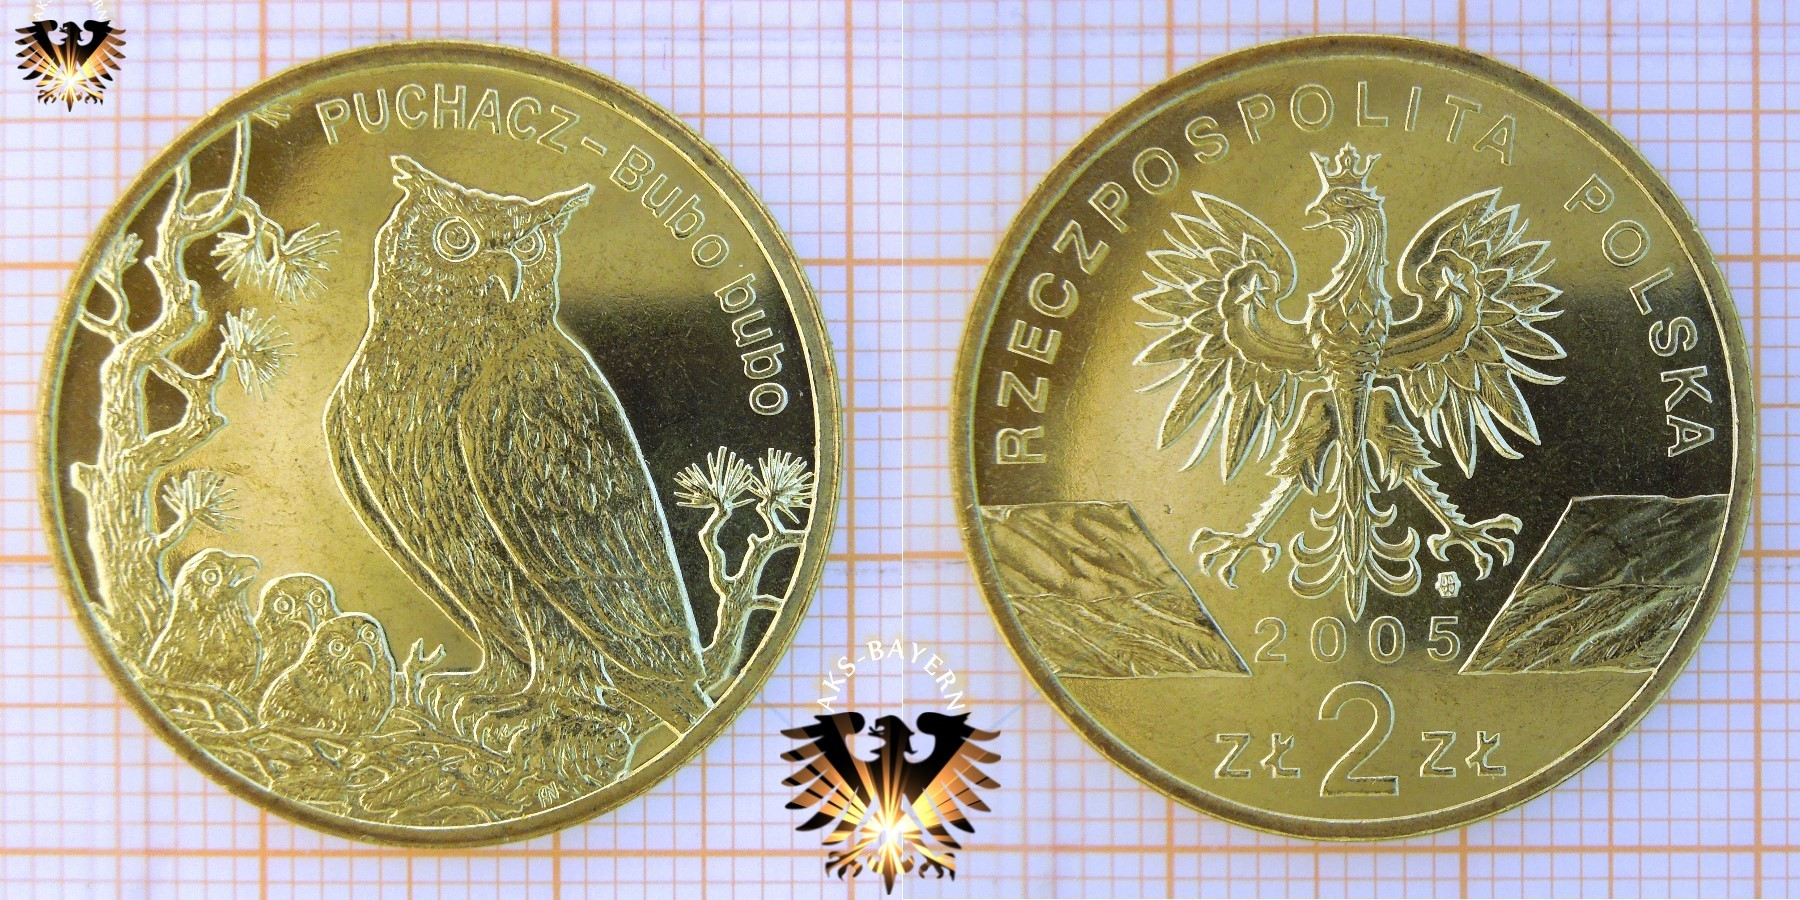 Münze 2 Złote Polen 2005 Puchacz Bubo Bubo